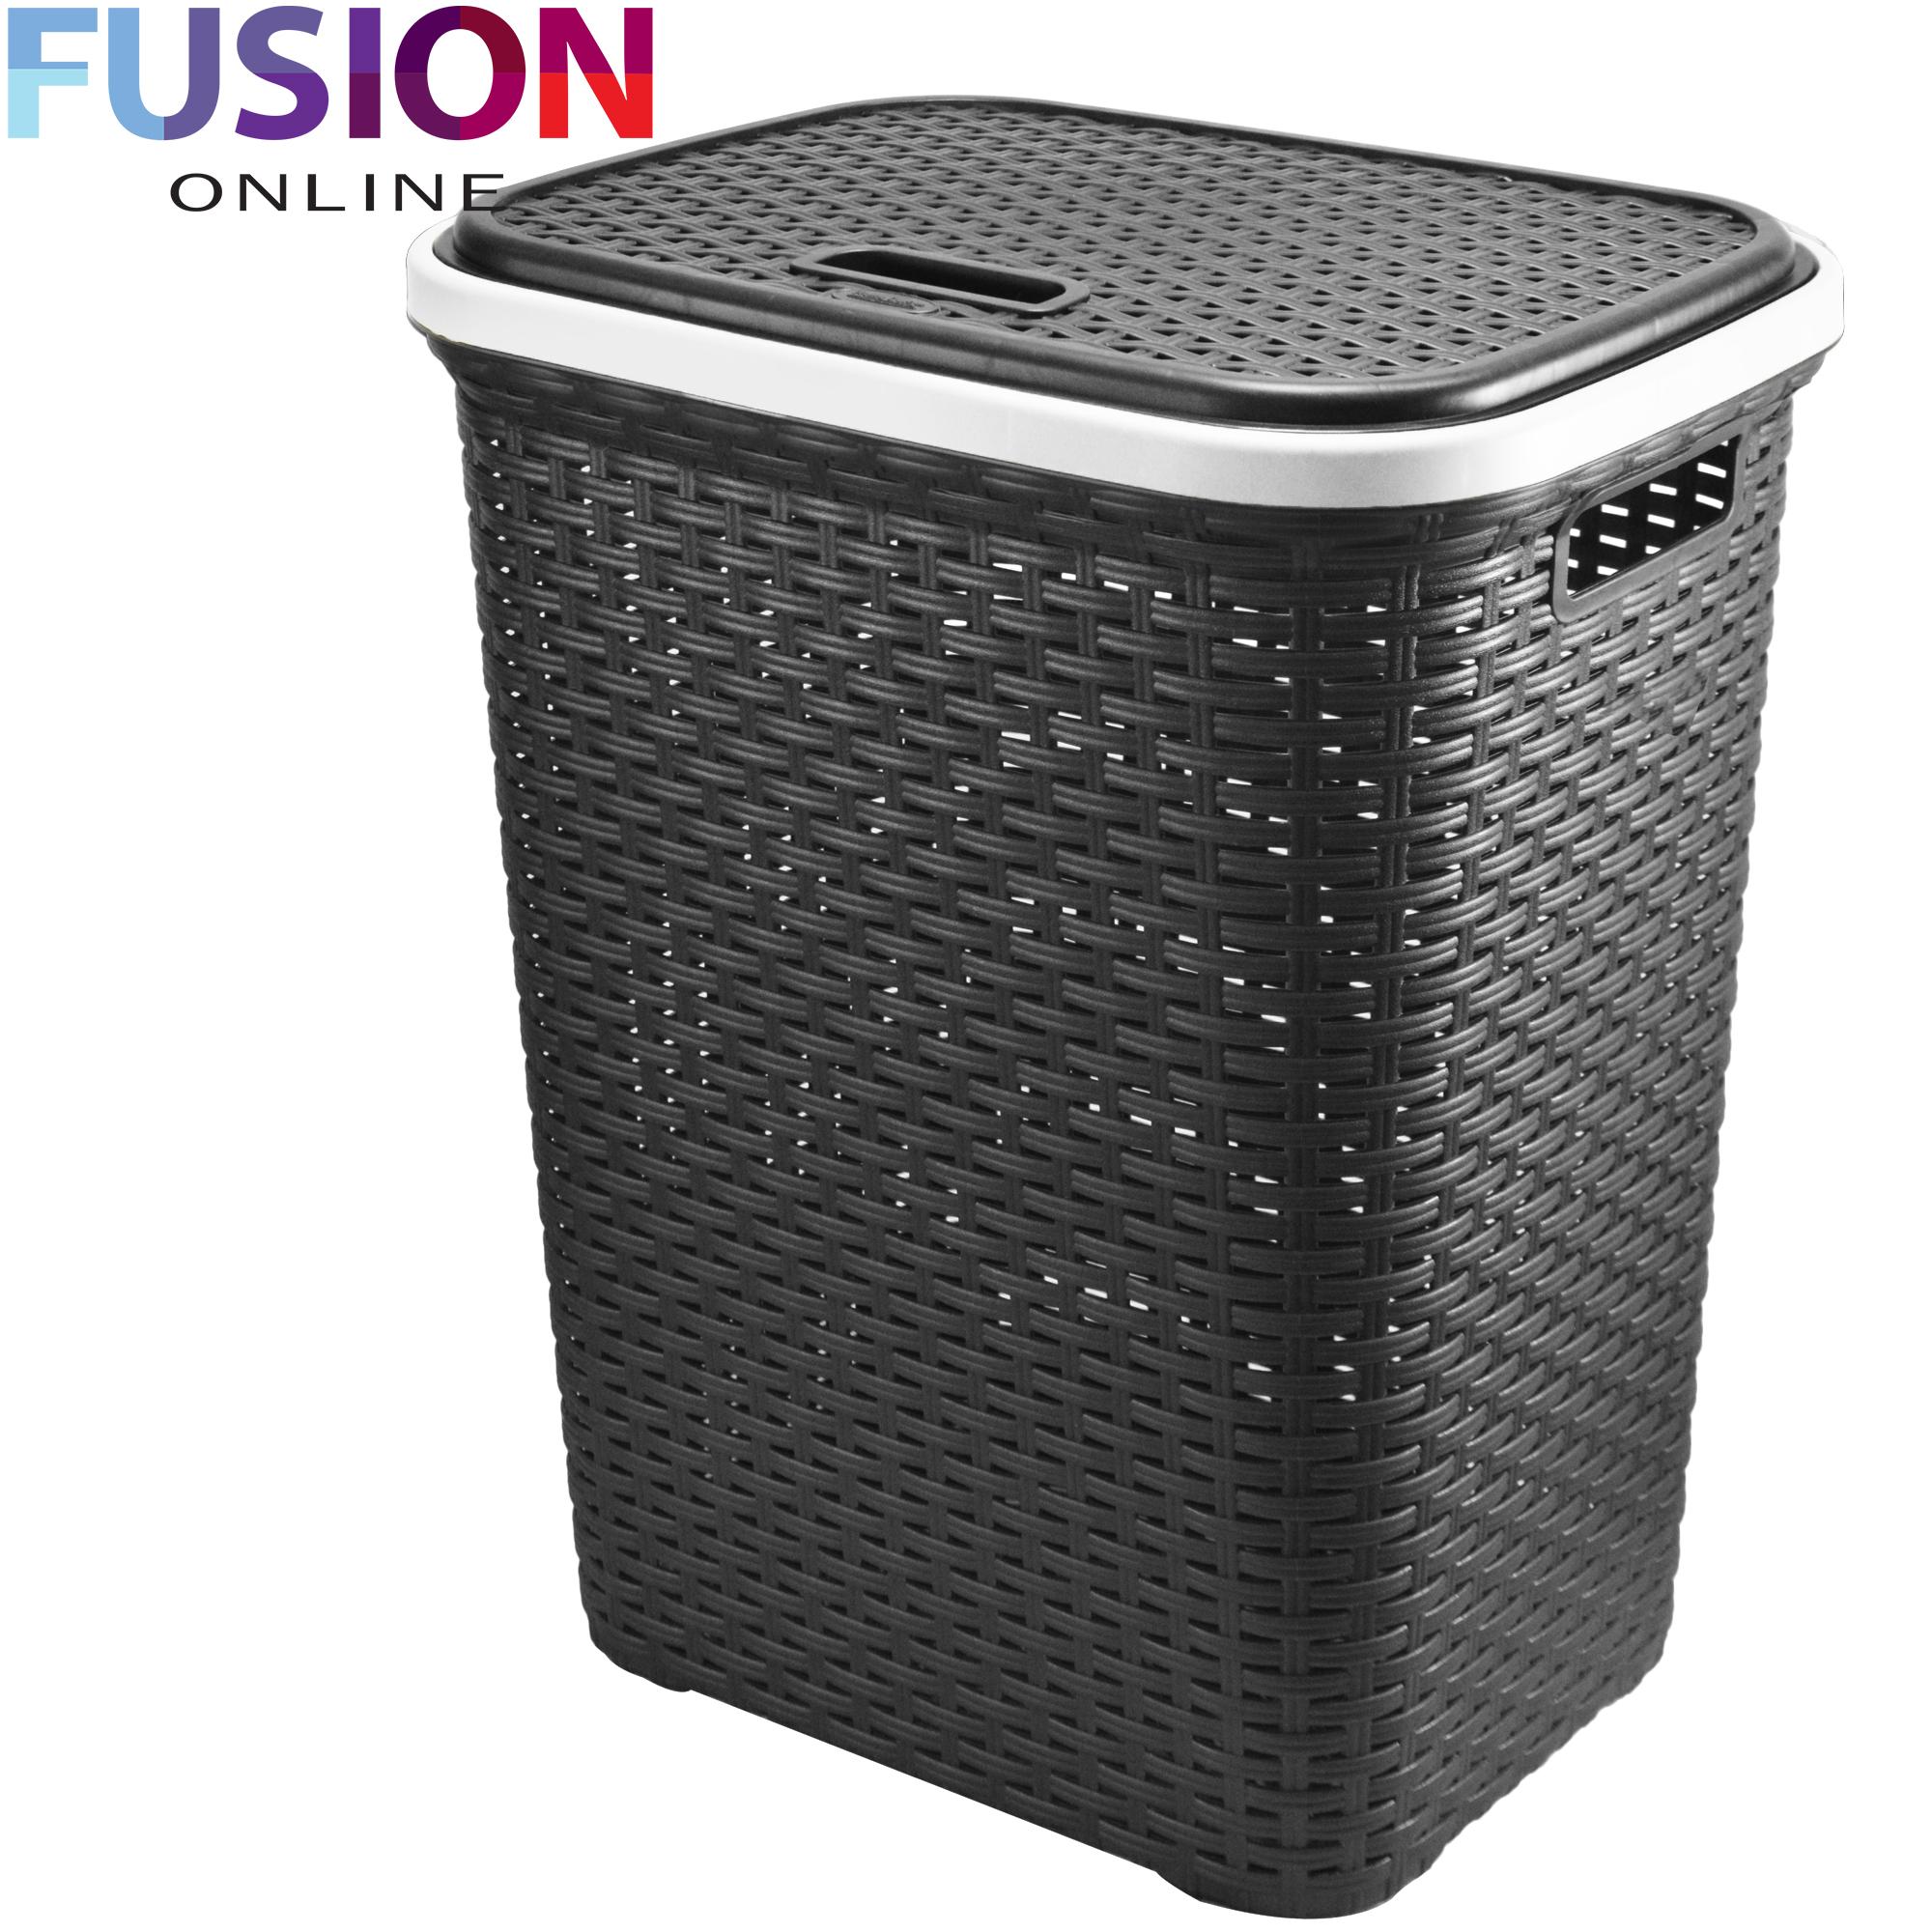 large laundry basket washing clothes storage hamper rattan. Black Bedroom Furniture Sets. Home Design Ideas